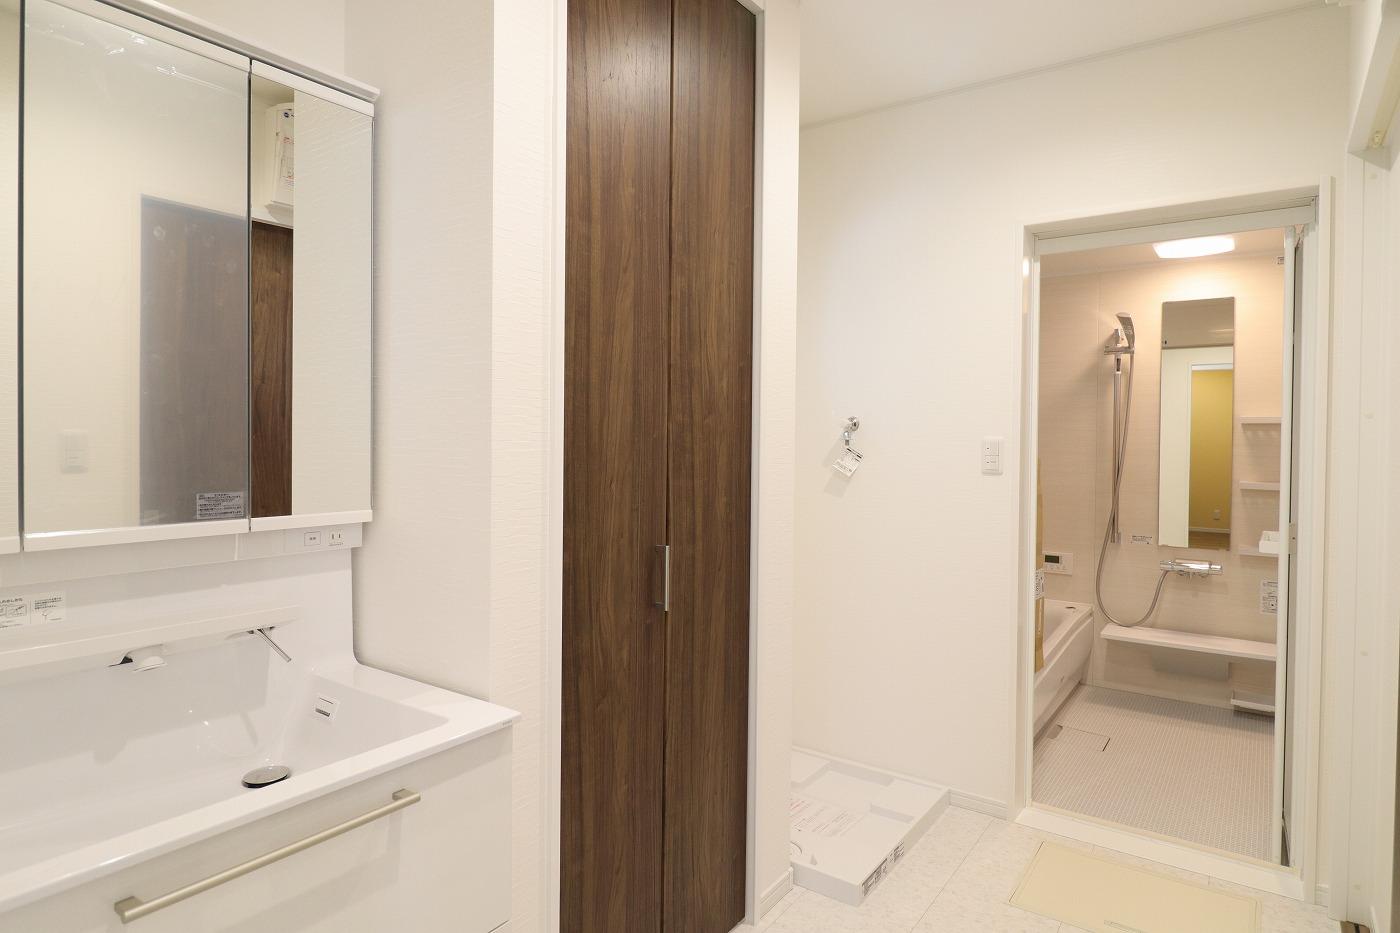 高松市木太町新築分譲建売住宅の洗面脱衣室